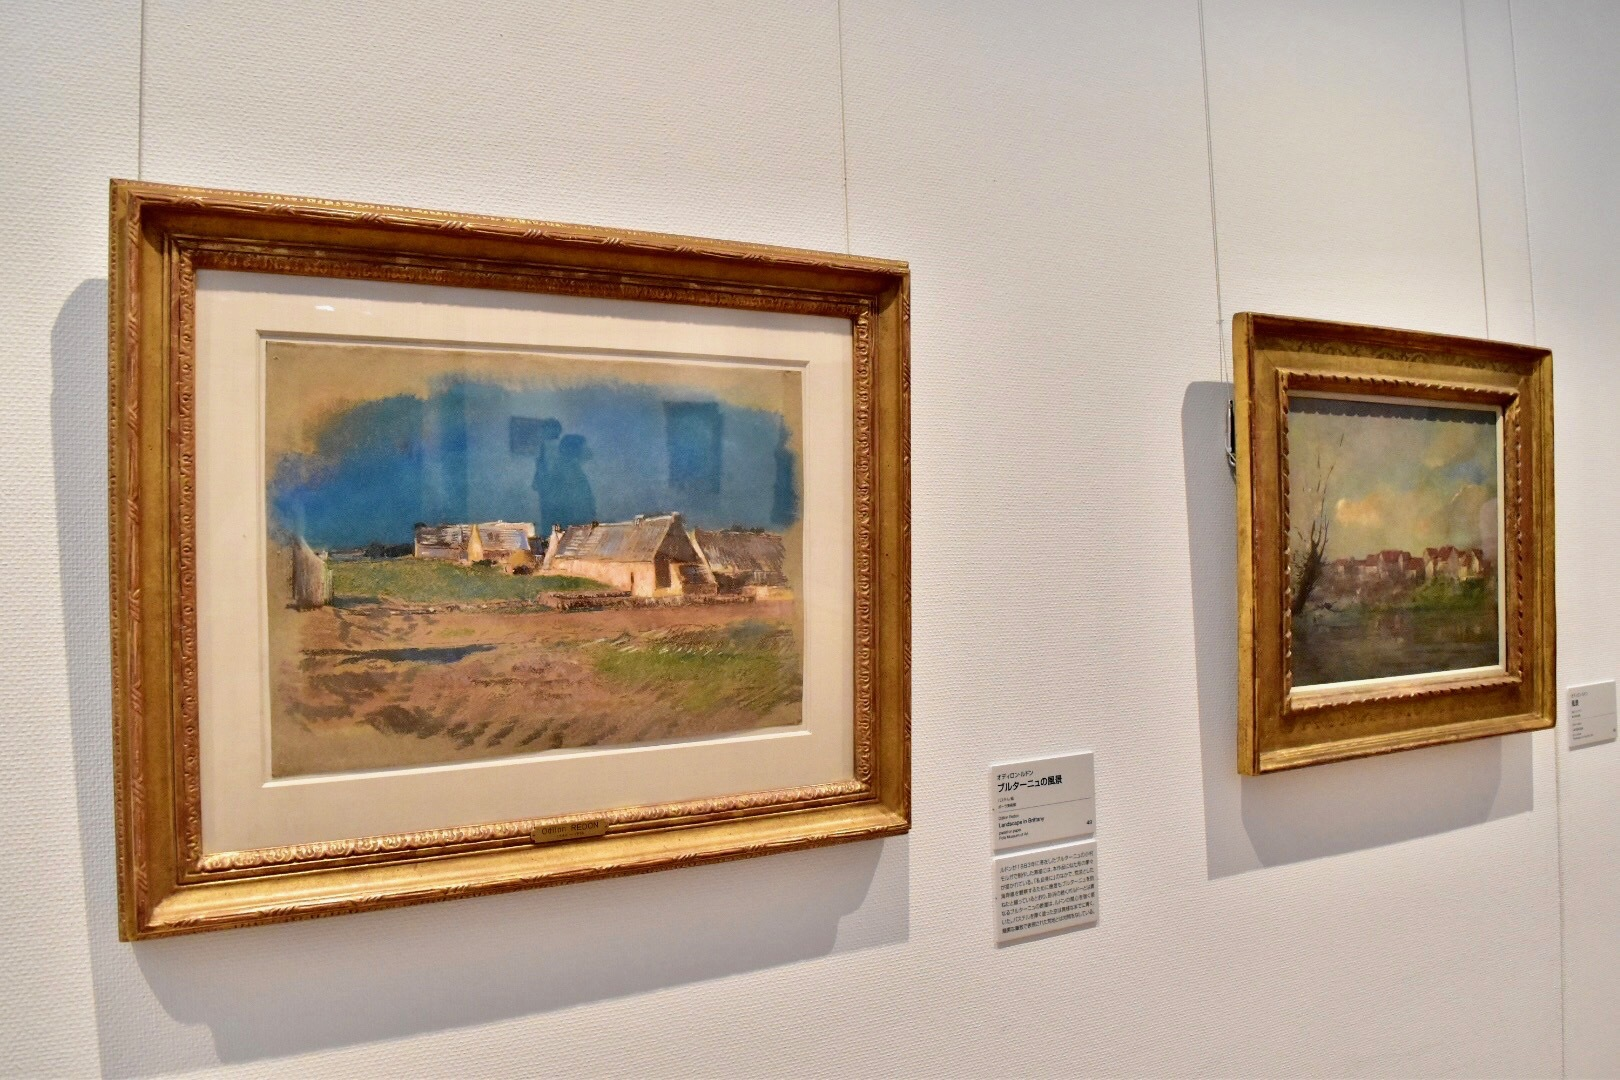 左:オディロン・ルドン 《ブルターニュの風景》 ポーラ美術館 右:オディロン・ルドン 《風景》 岐阜県美術館